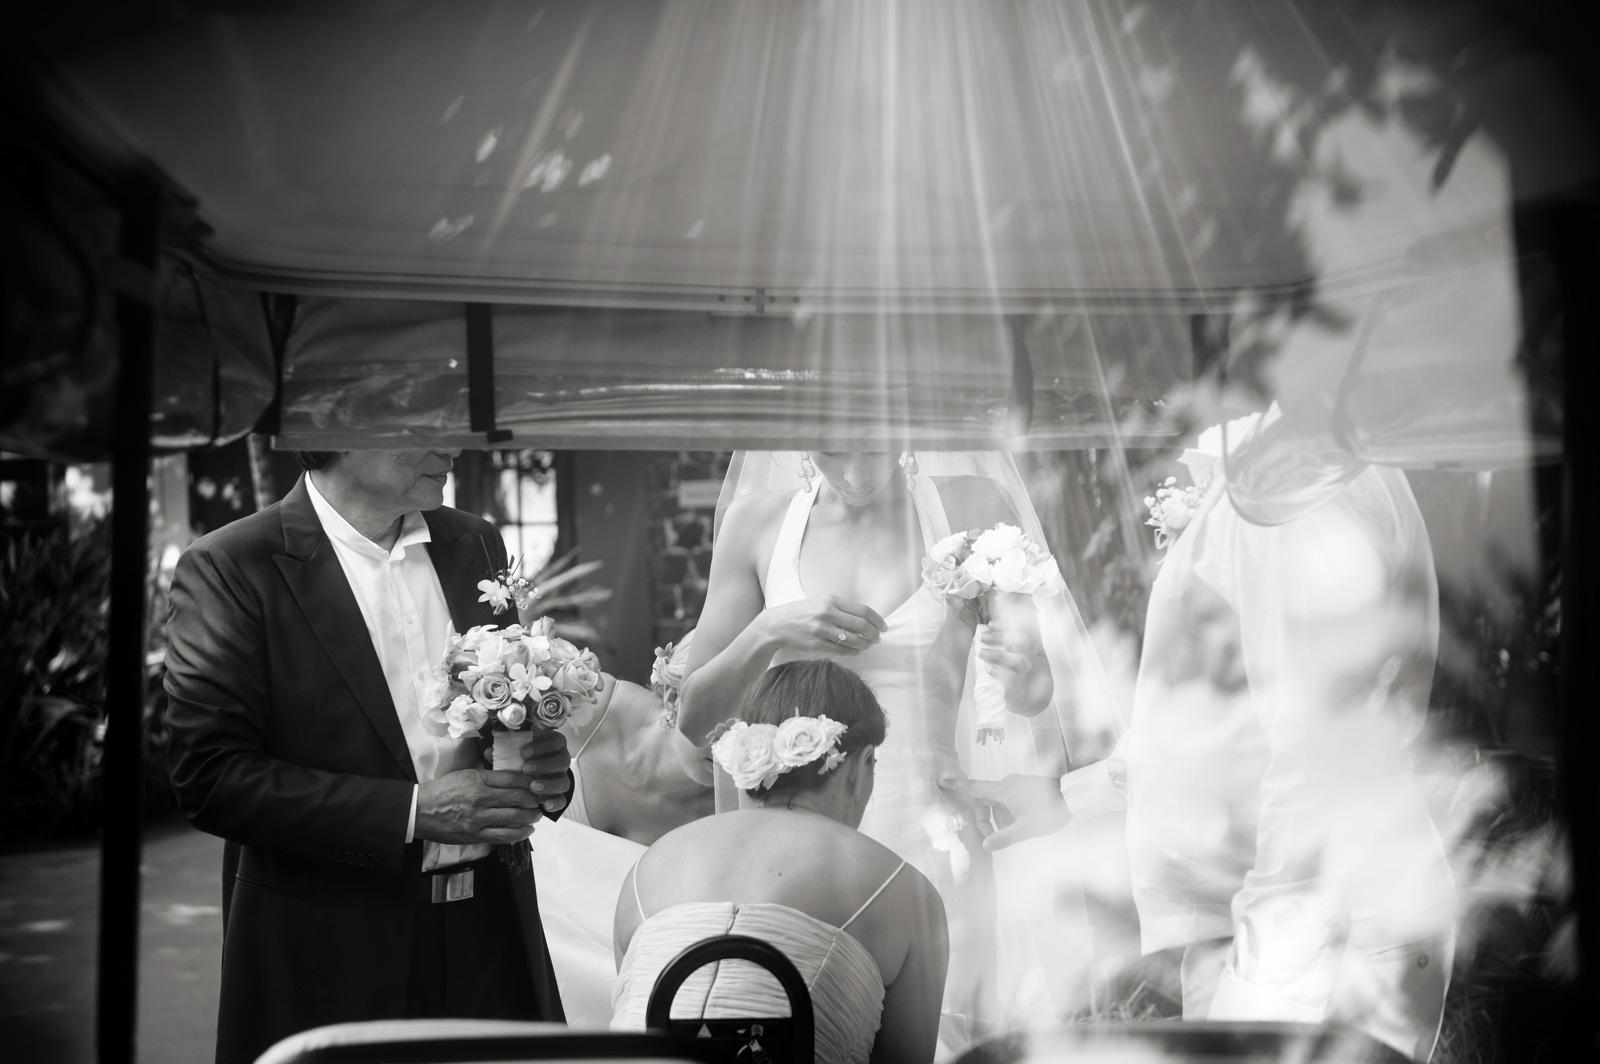 light on bride